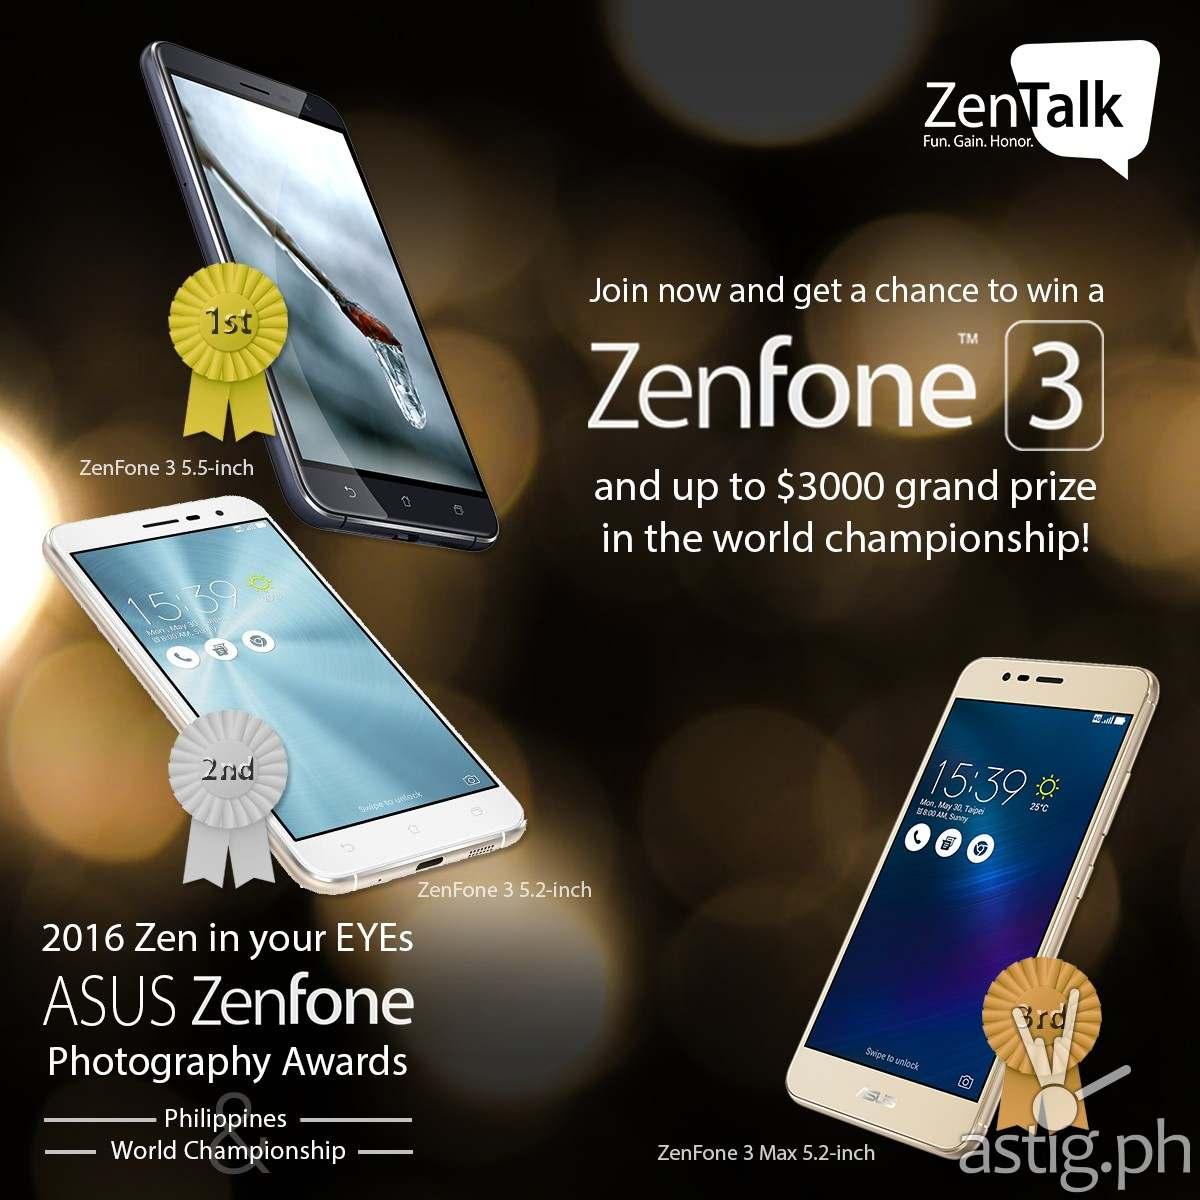 2016 Zen in your EYEs ASUS Zenfone Photography Awards